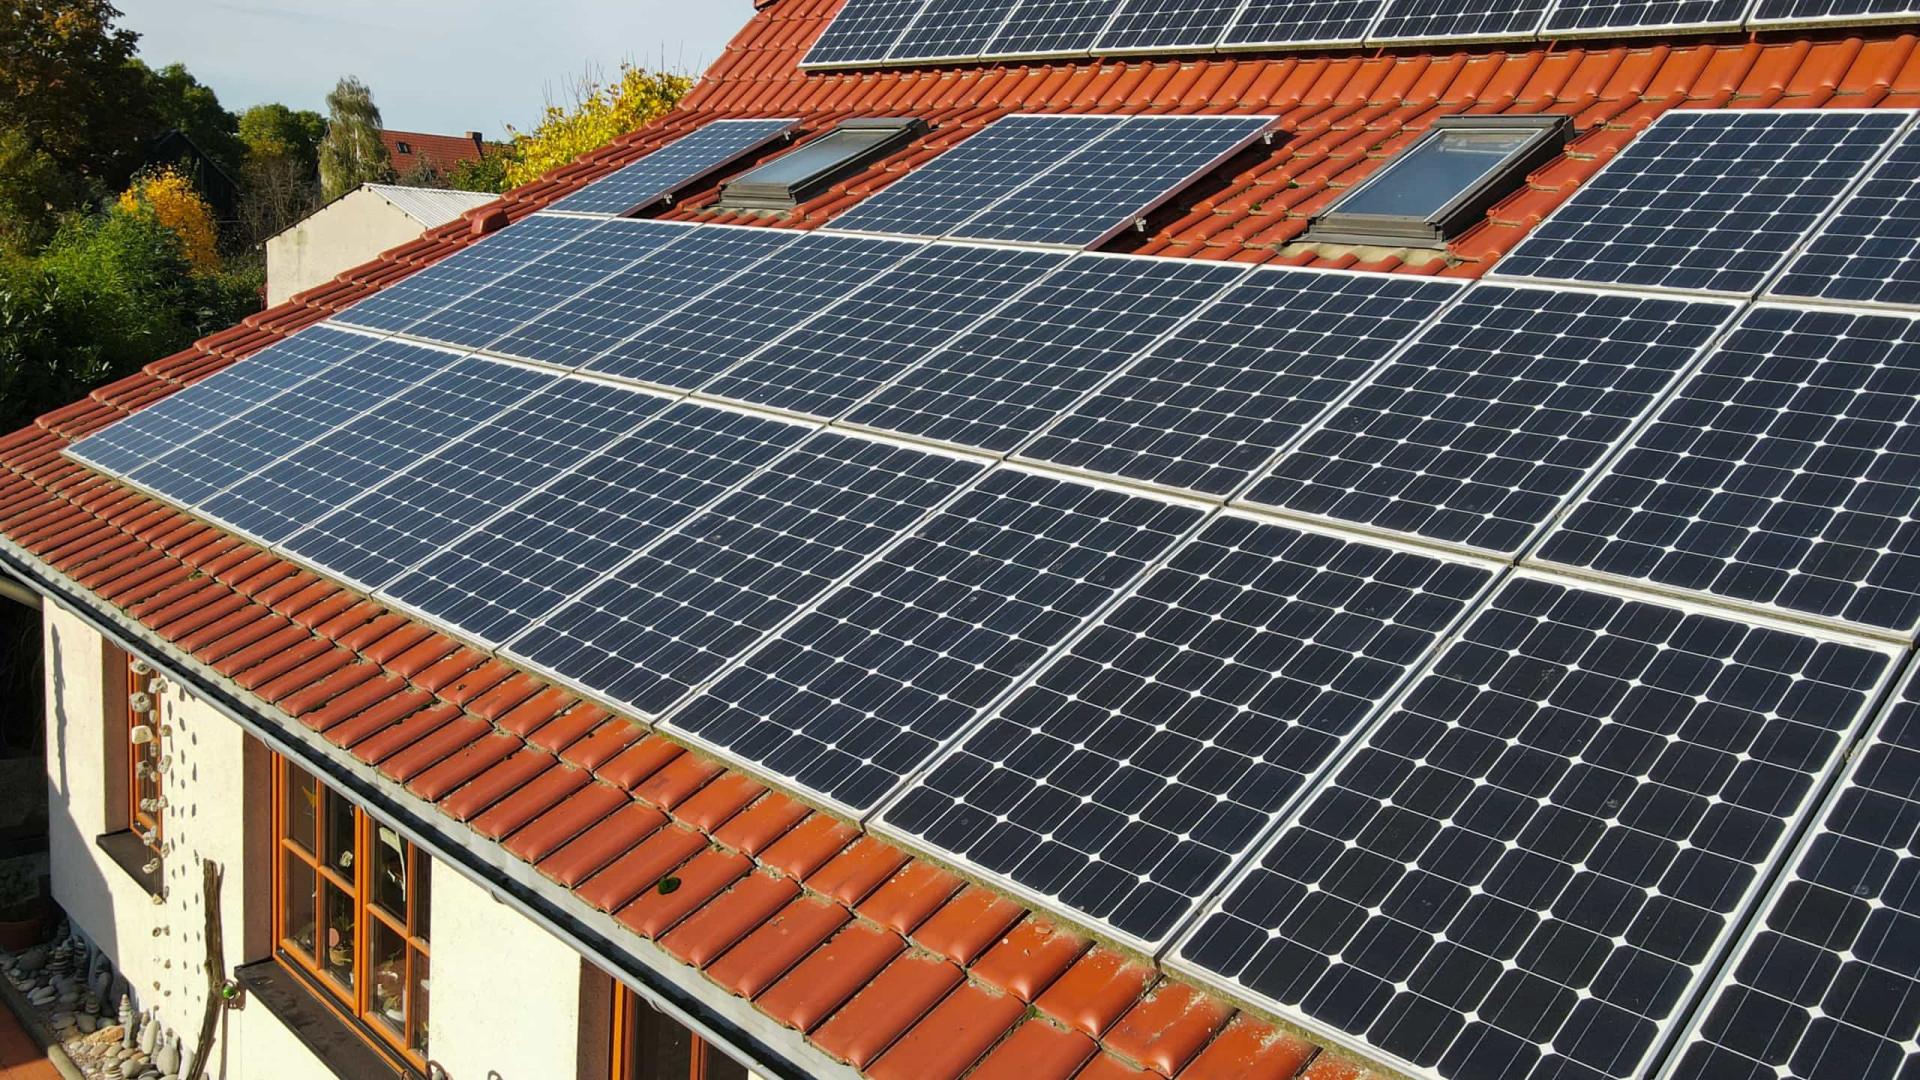 Autoconsumo de energia: O sol é de todos e todos o podemos usar